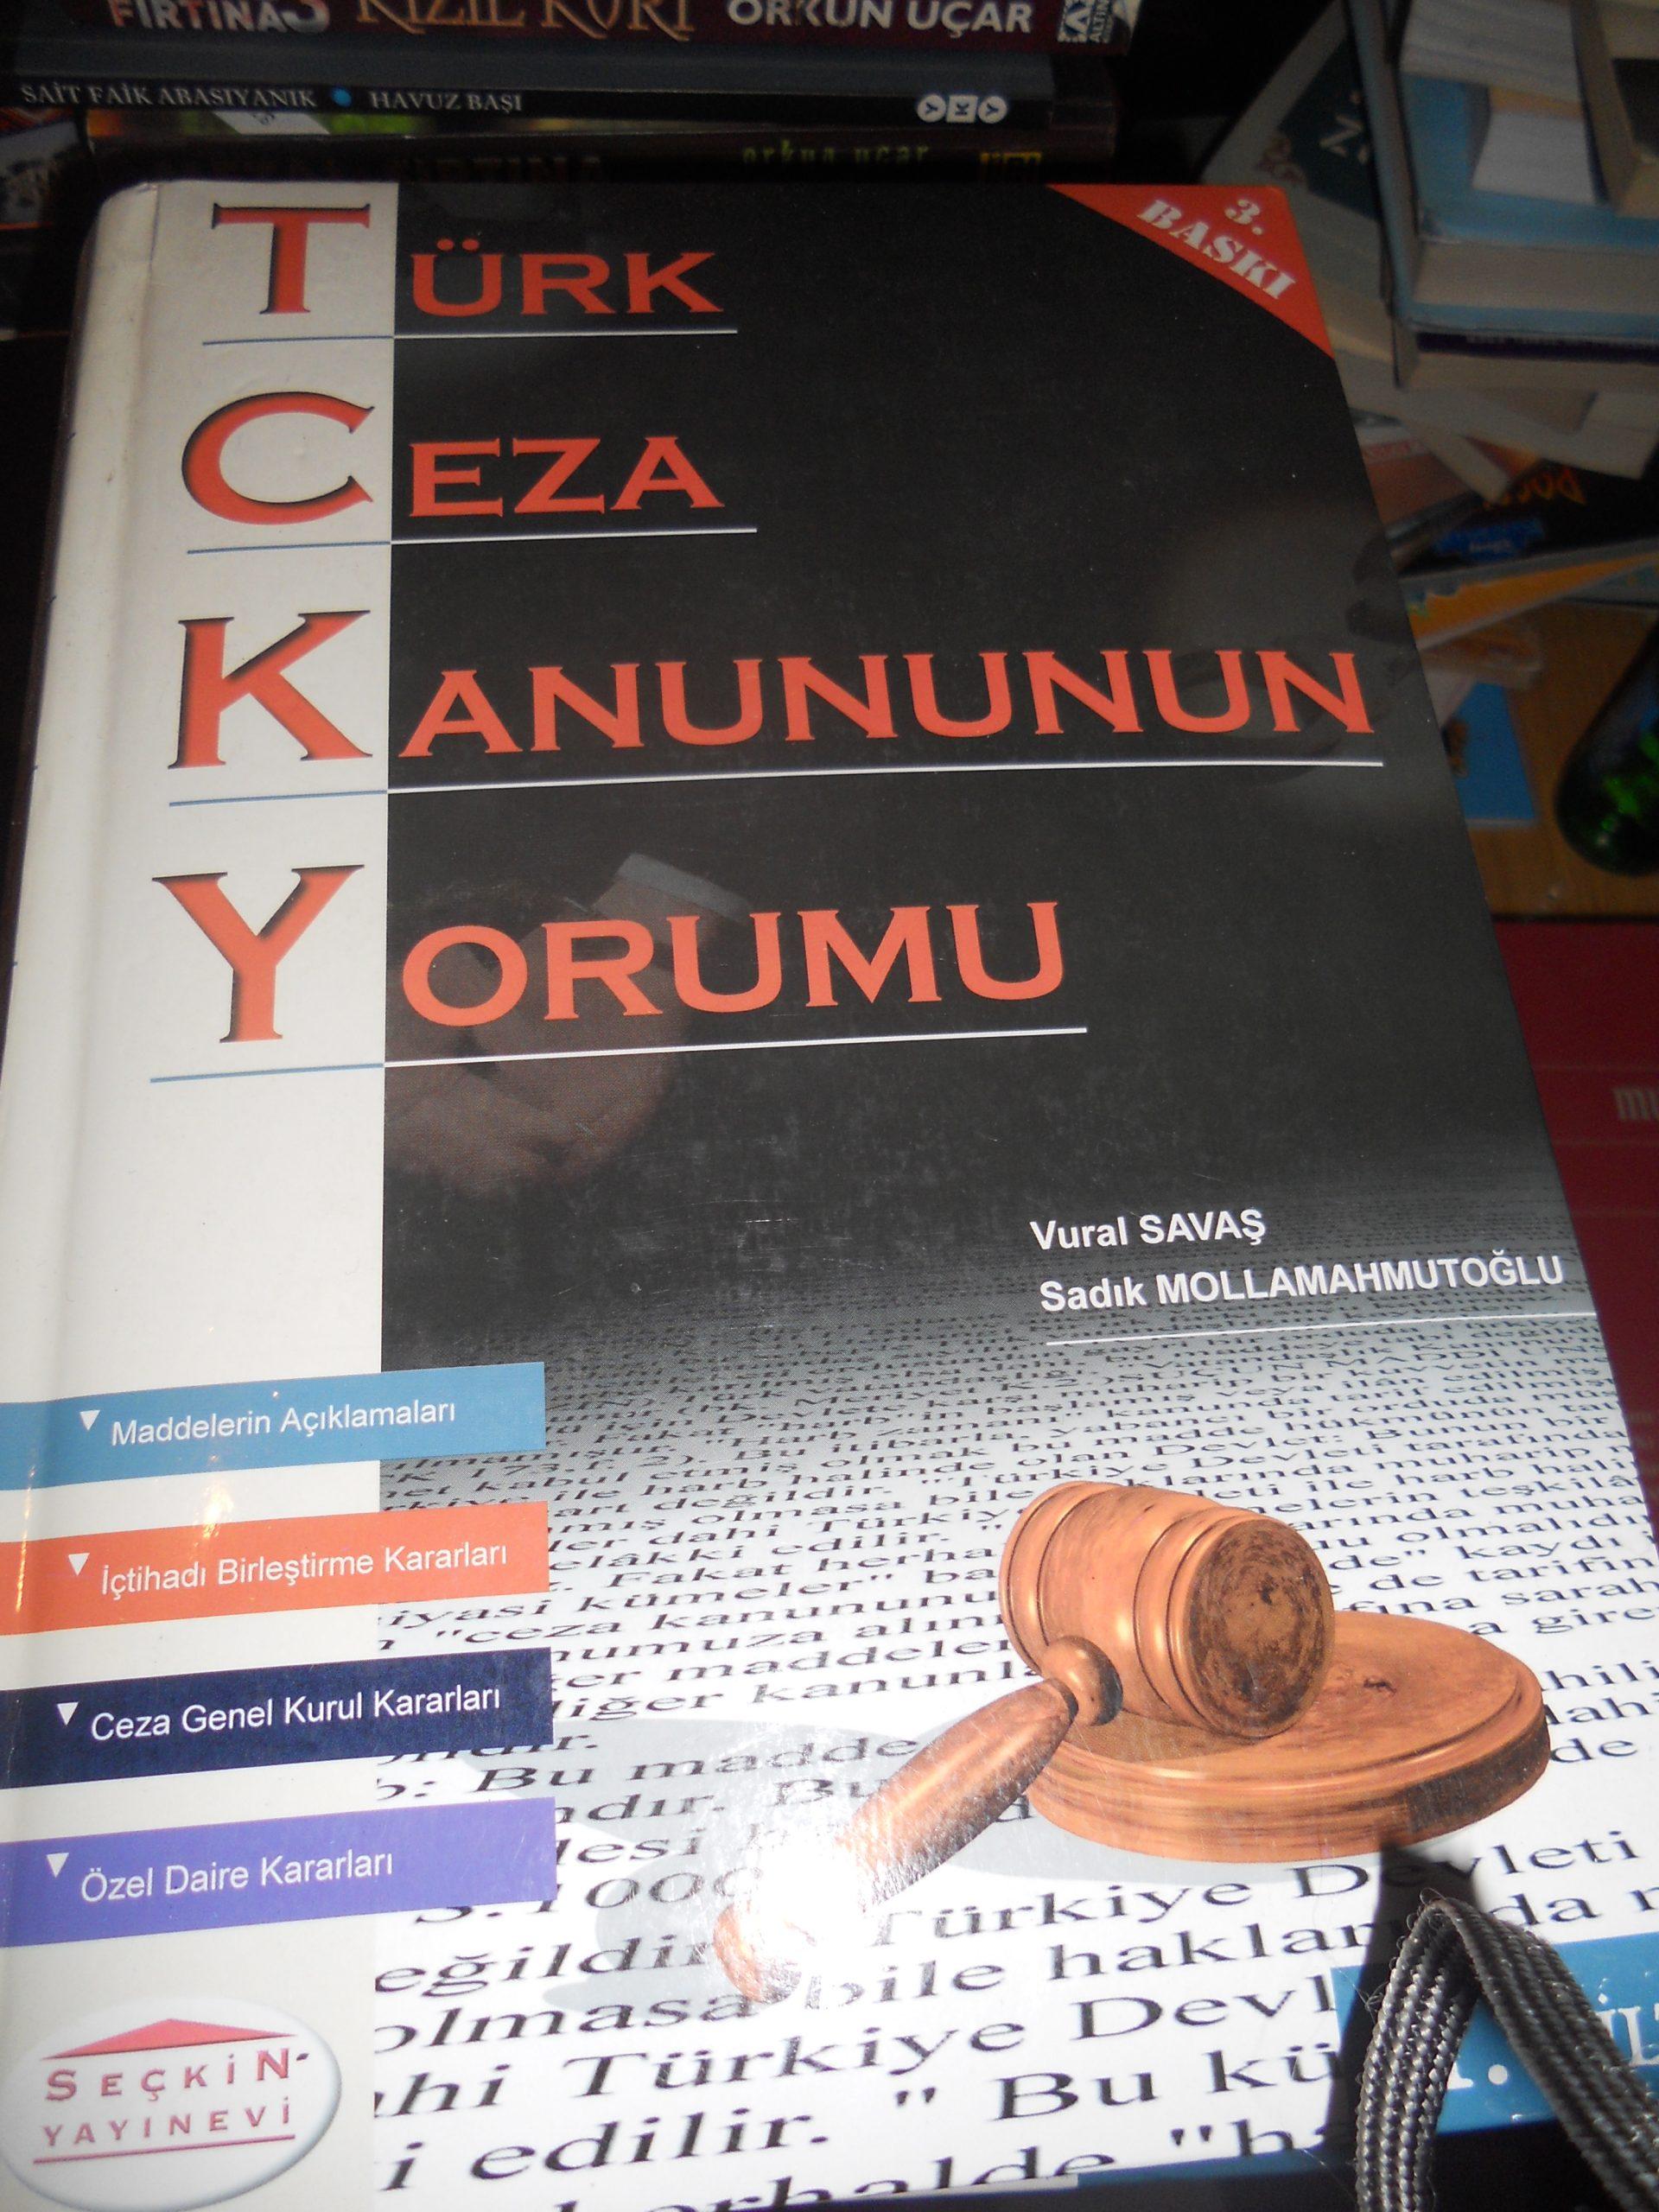 TÜRK CEZA KANUNUNUN YORUMU-1-2-3-4 Cilt / Vural SAVAŞ-Sadık Mollamahmutoğlu/ Toplam 250 TL